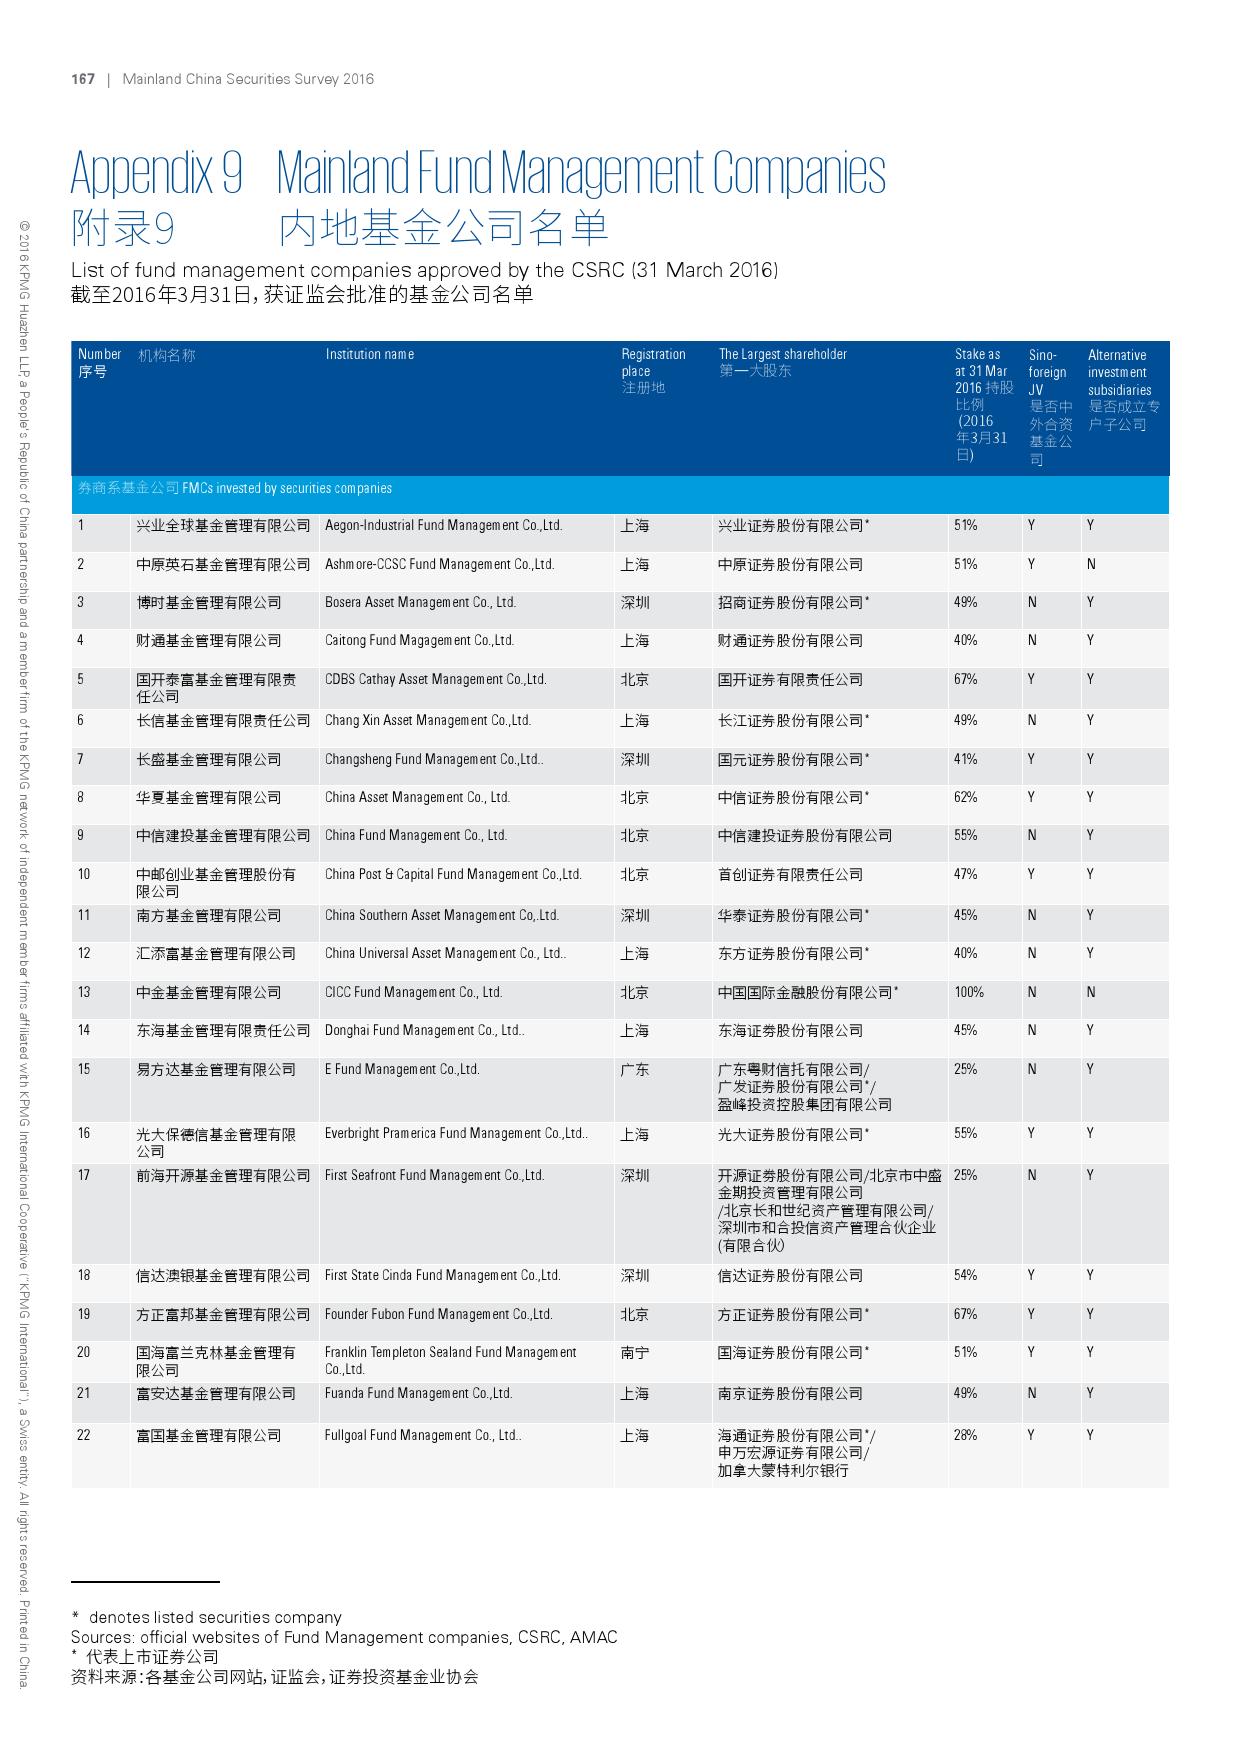 2016年中国证券业调查报告_000170